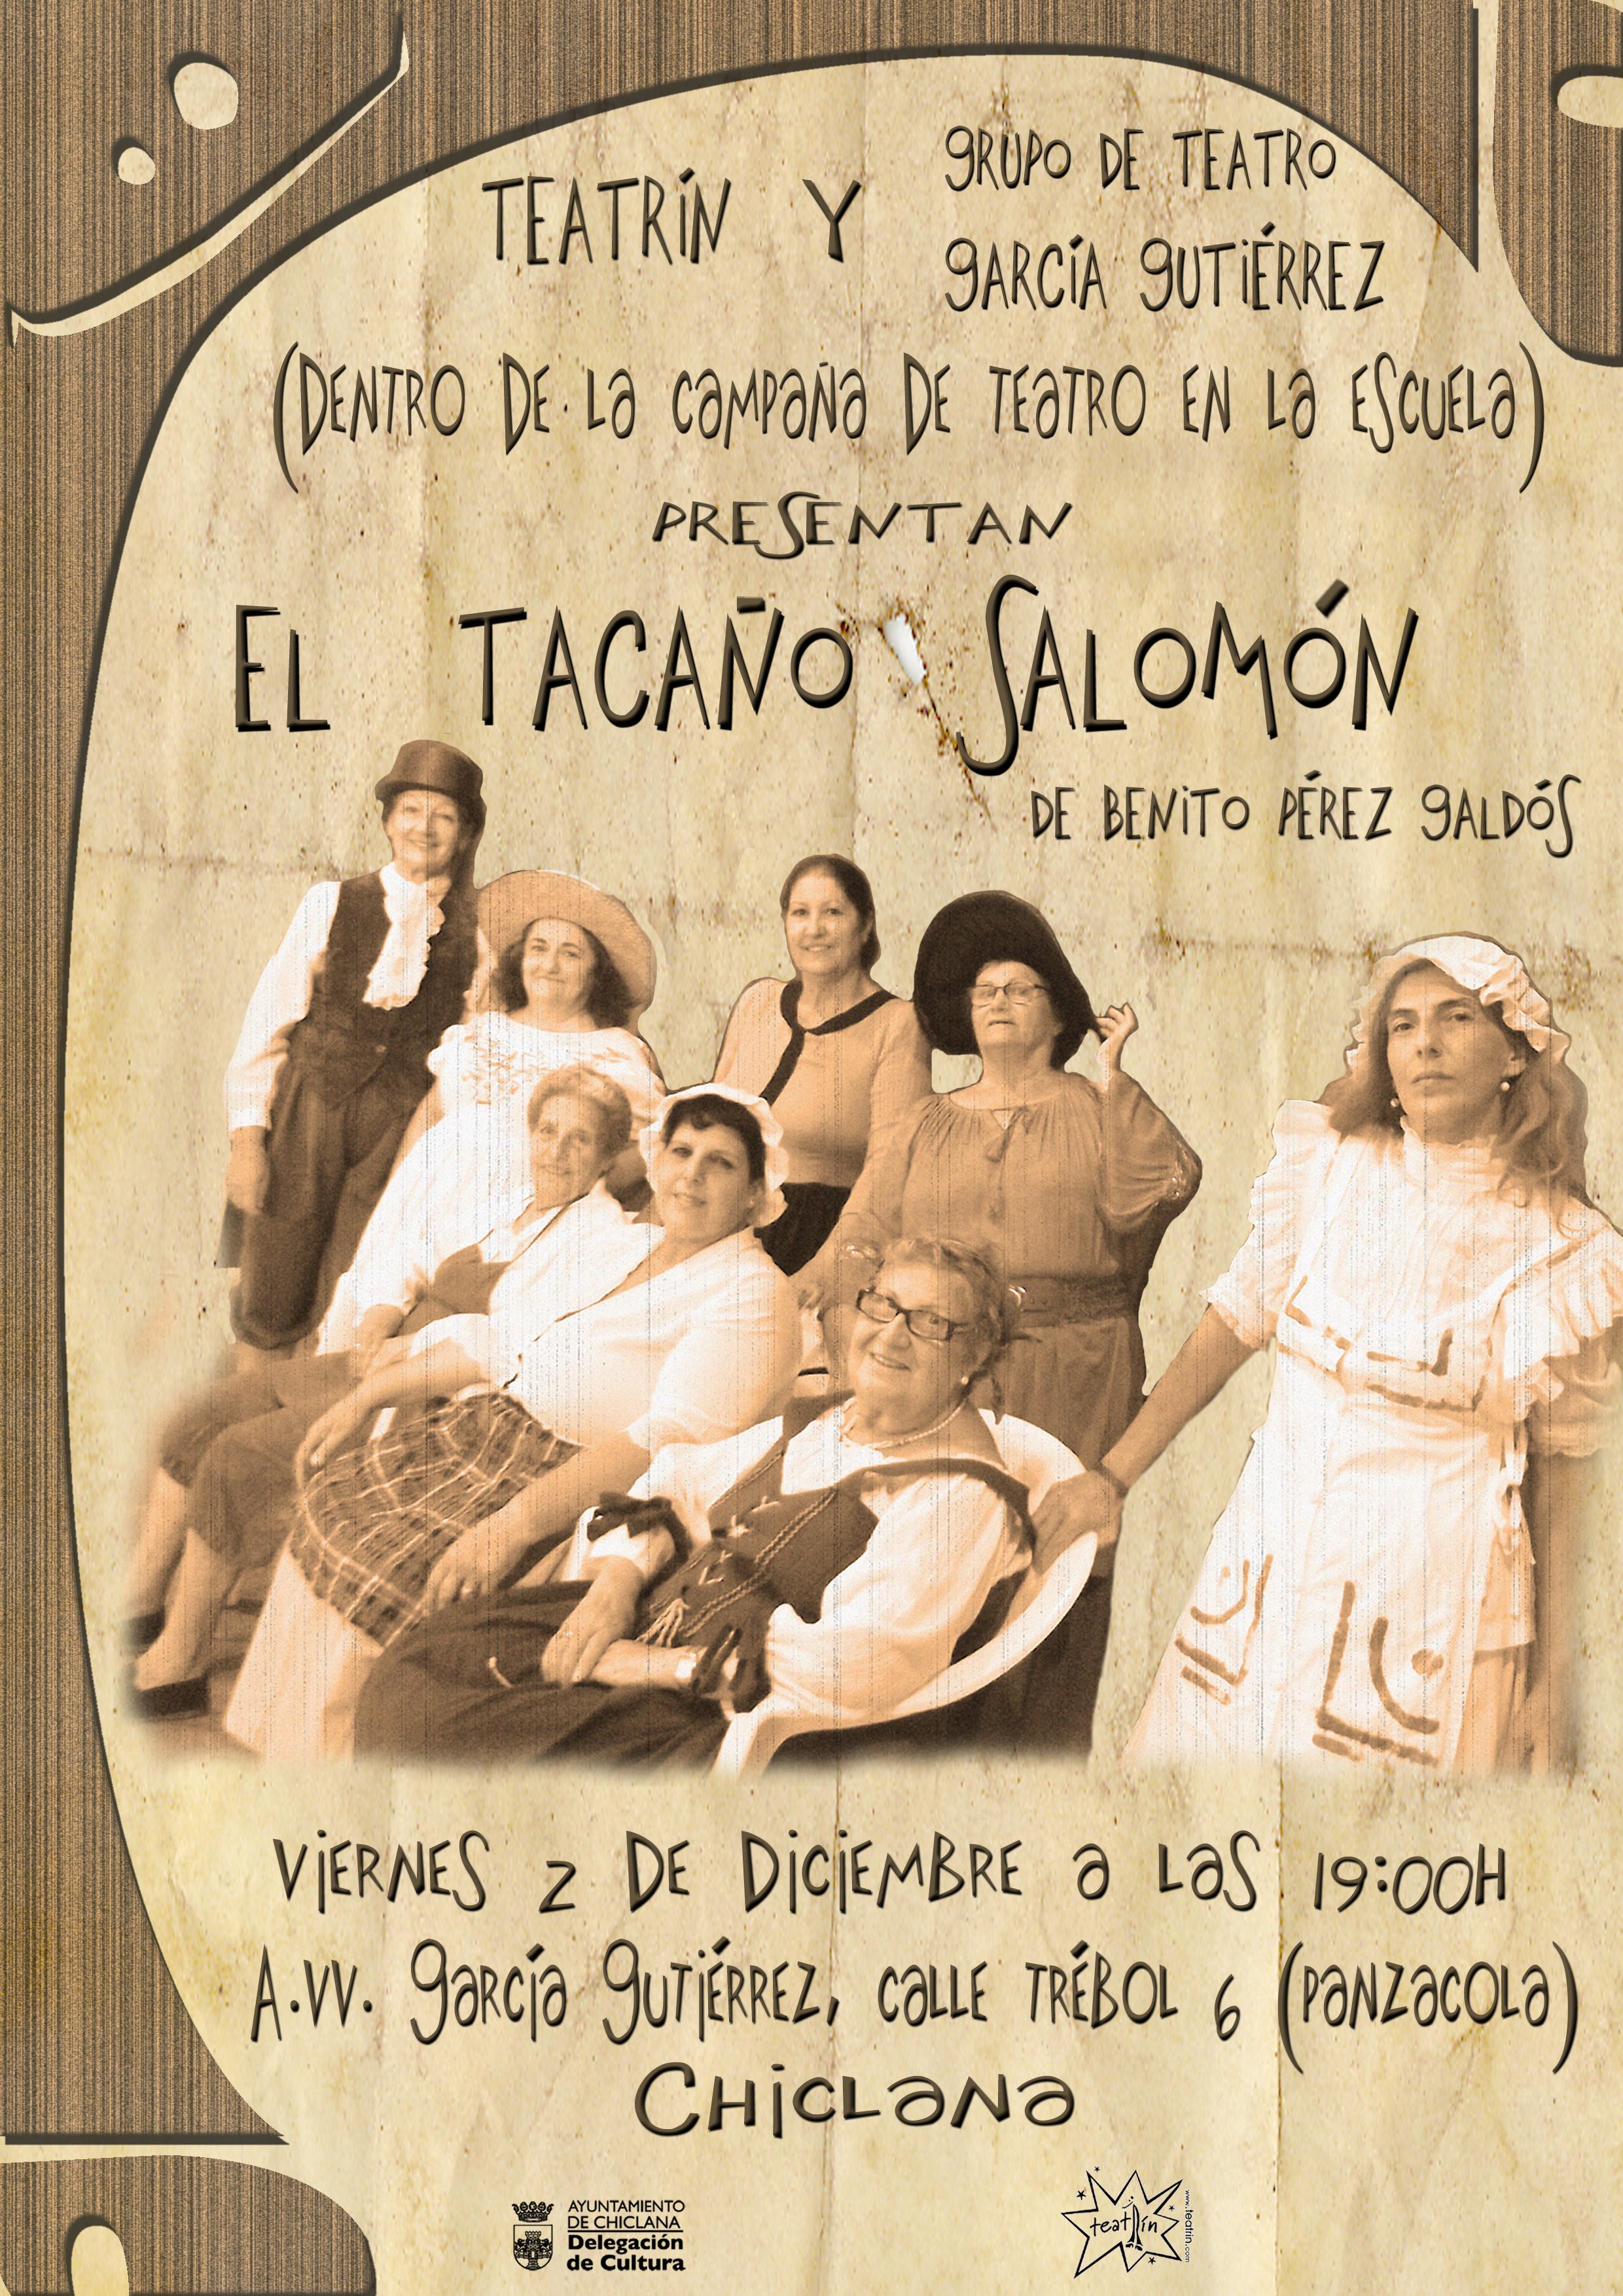 CARTEL_EL TACAÑO SALOMÓN_GARCIA GUTIERREZ